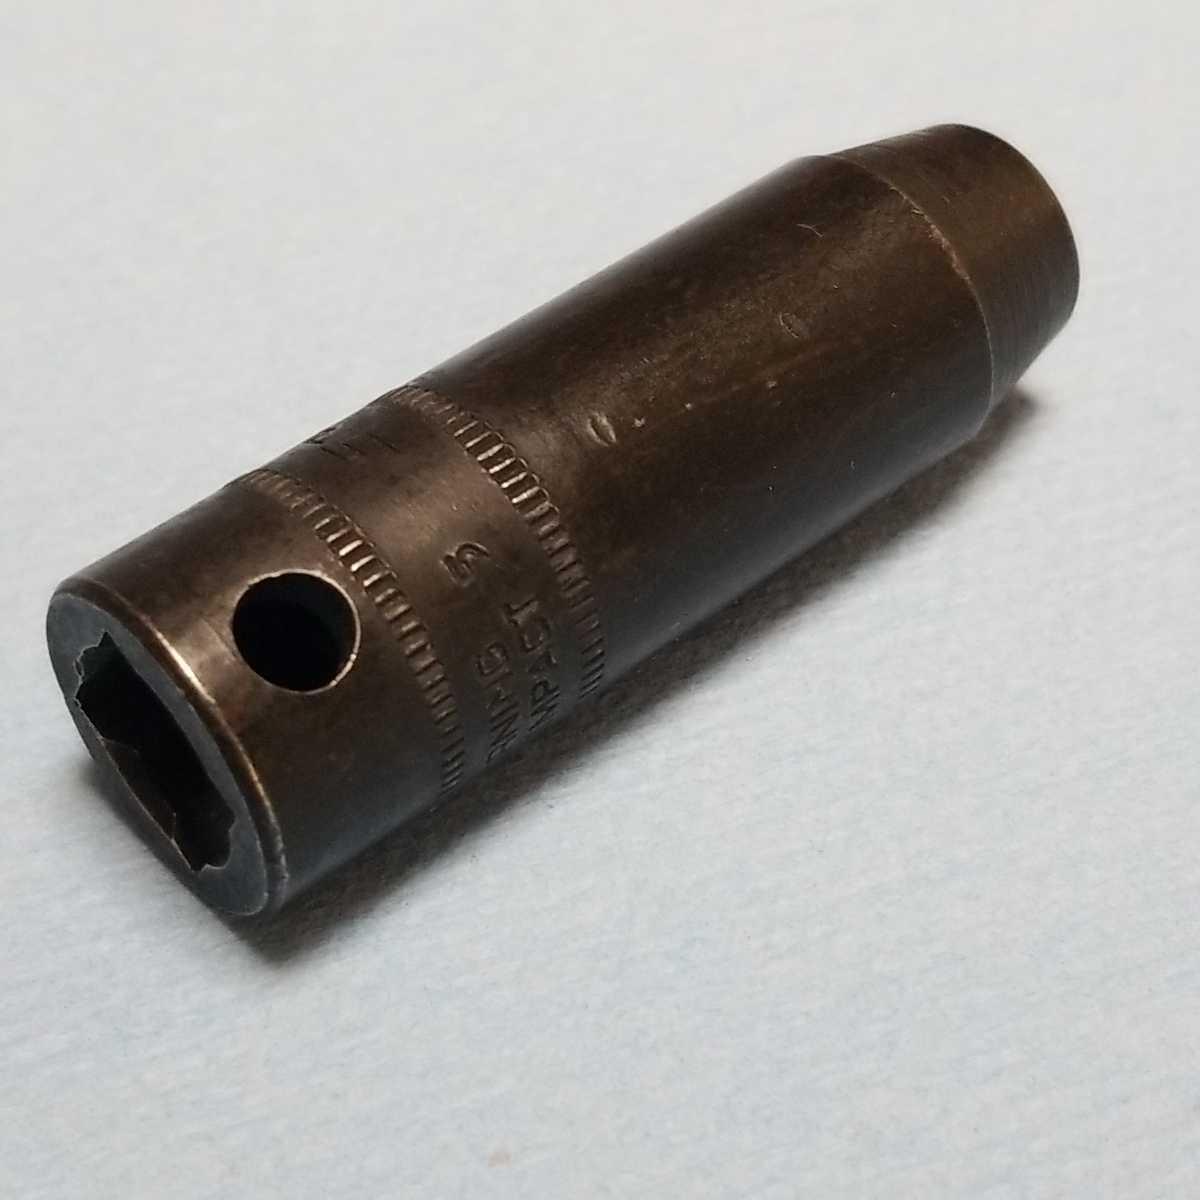 未使用 8mm 3/8 インパクト ディープ スナップオン SPFM8 (6角) 新品 保管品 SNAPON SNAP-ON ディープソケット ソケット _画像6